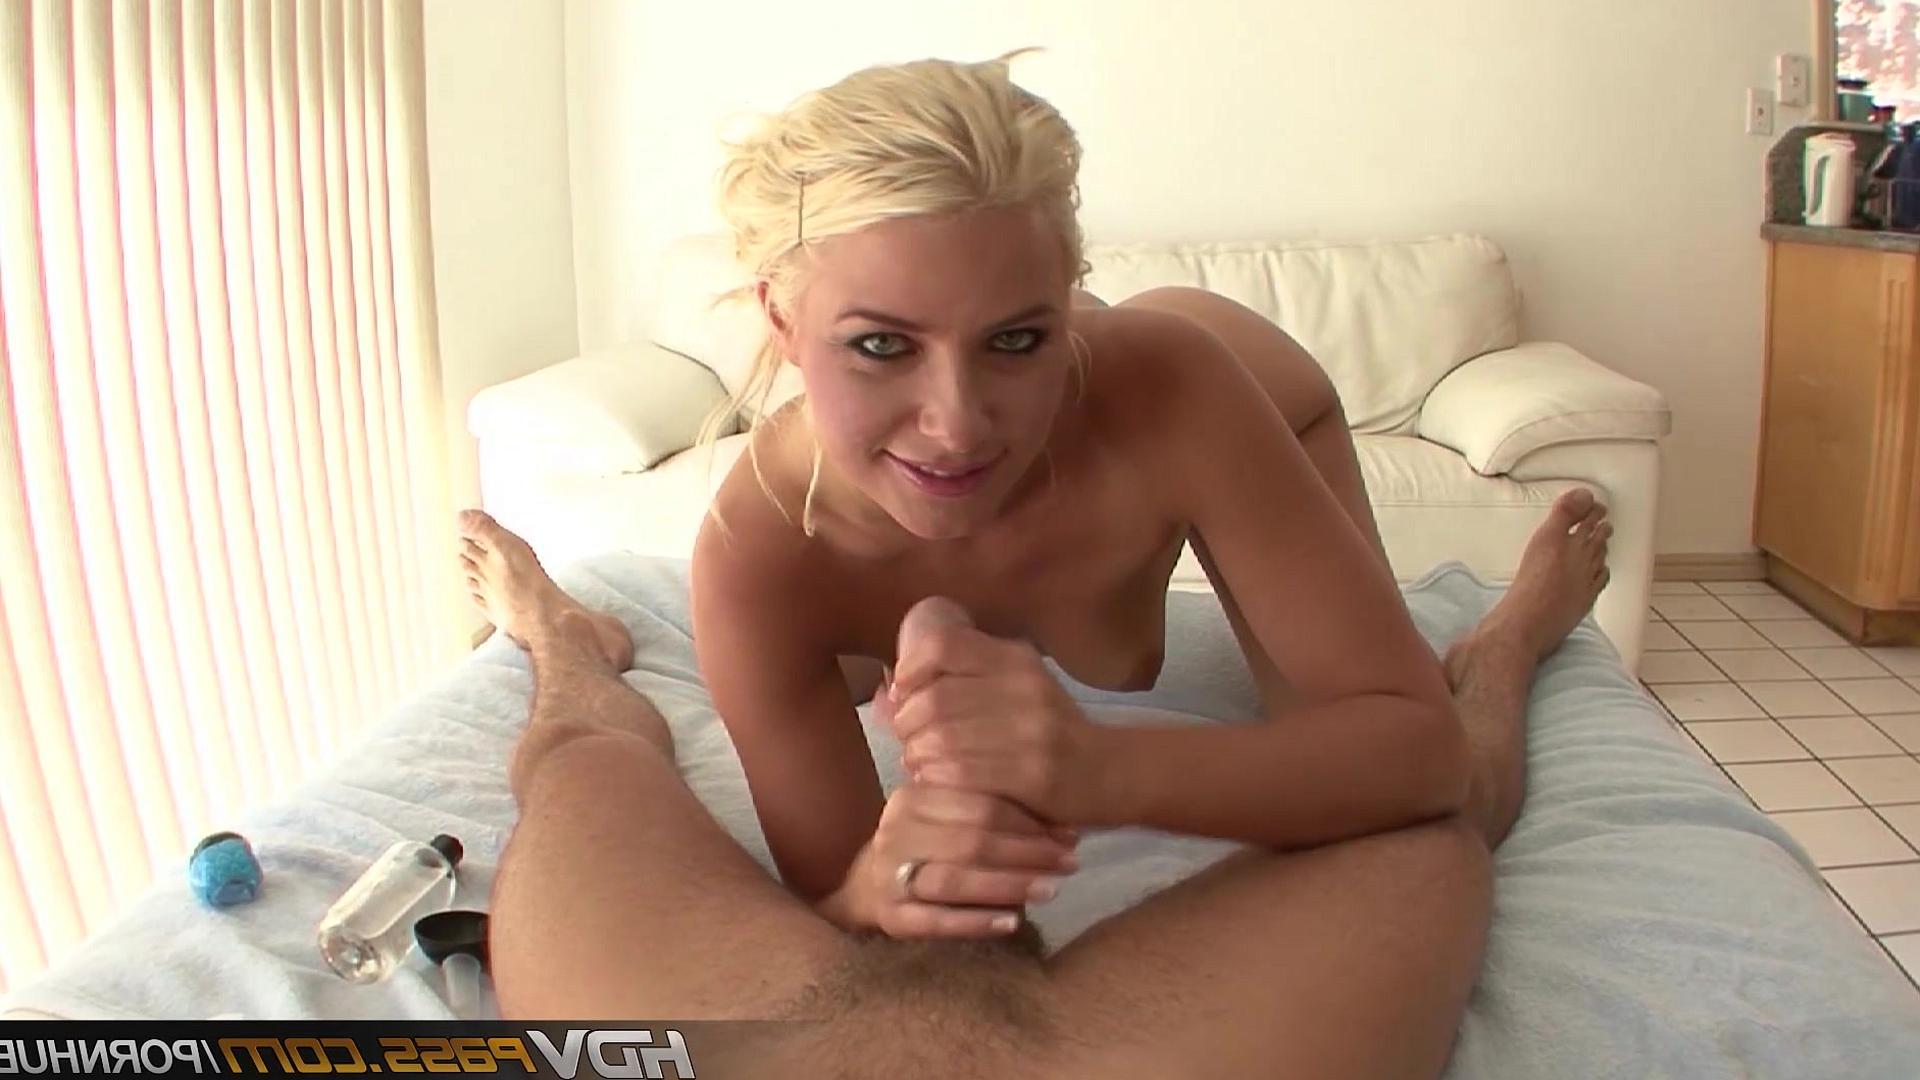 Огромный член в порно онлайн бесплатно фото 224-501